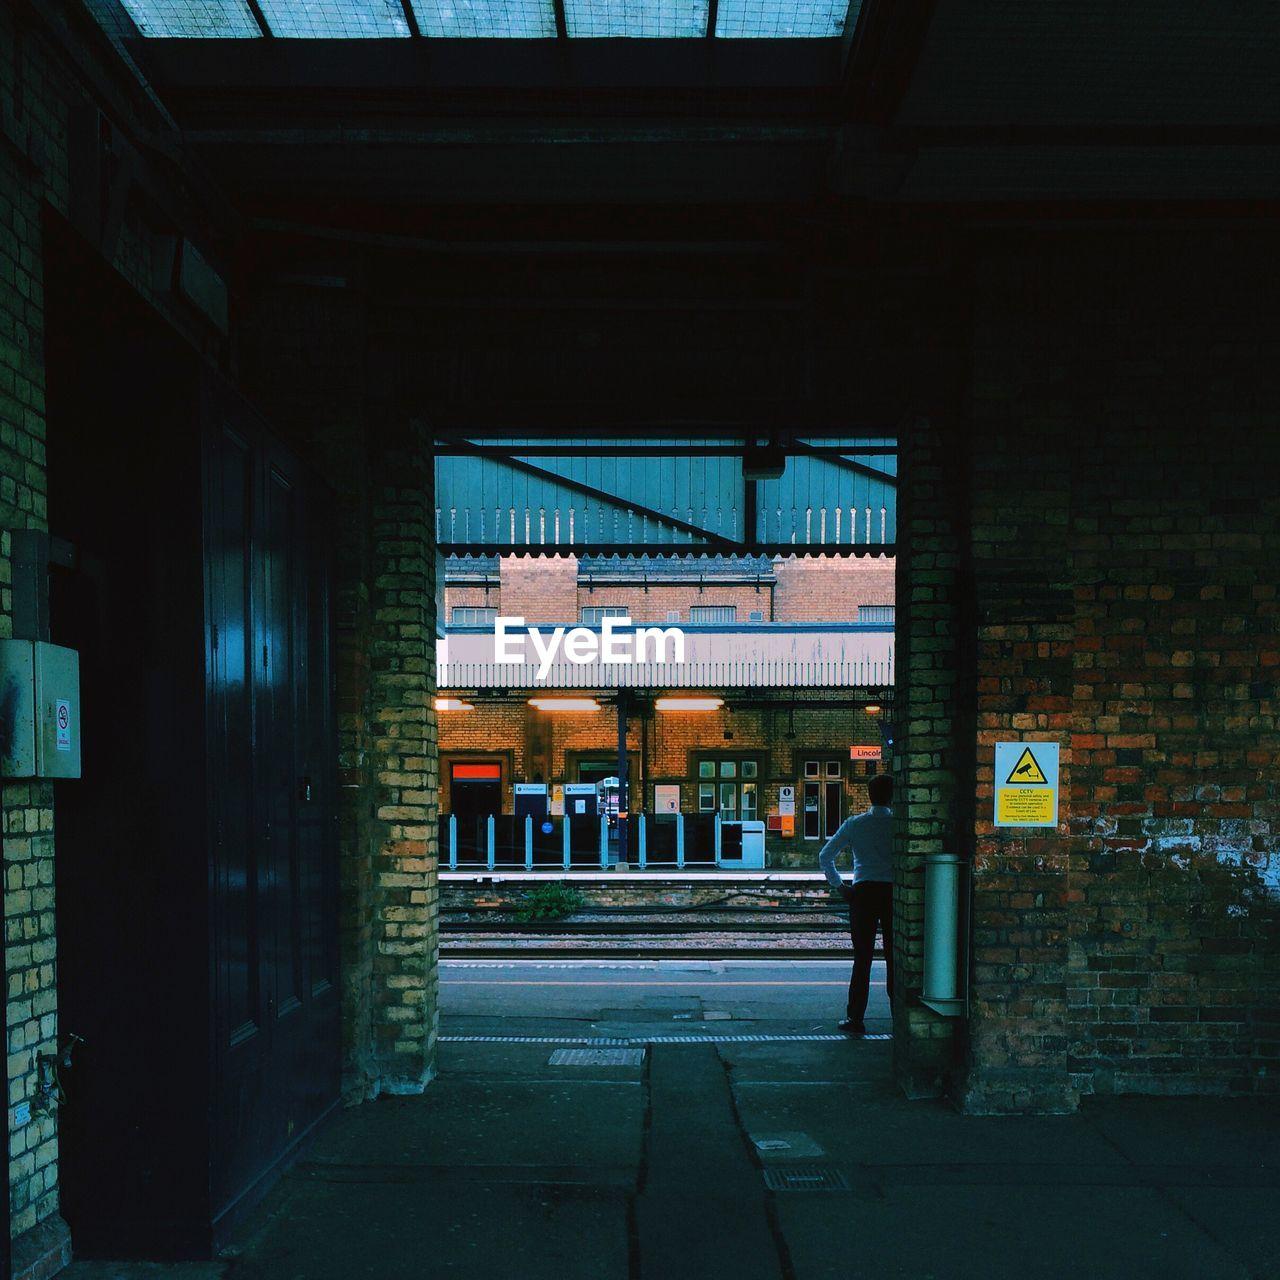 Rear view of man waiting at railroad station